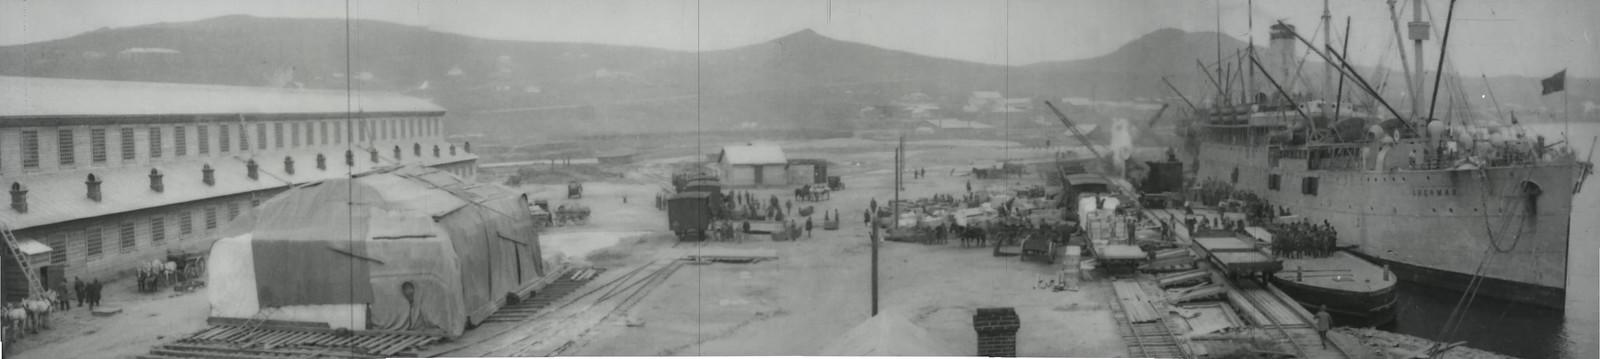 1919. Владивосток. Военнопленные разгружают американское грузовое судно «Шерман»